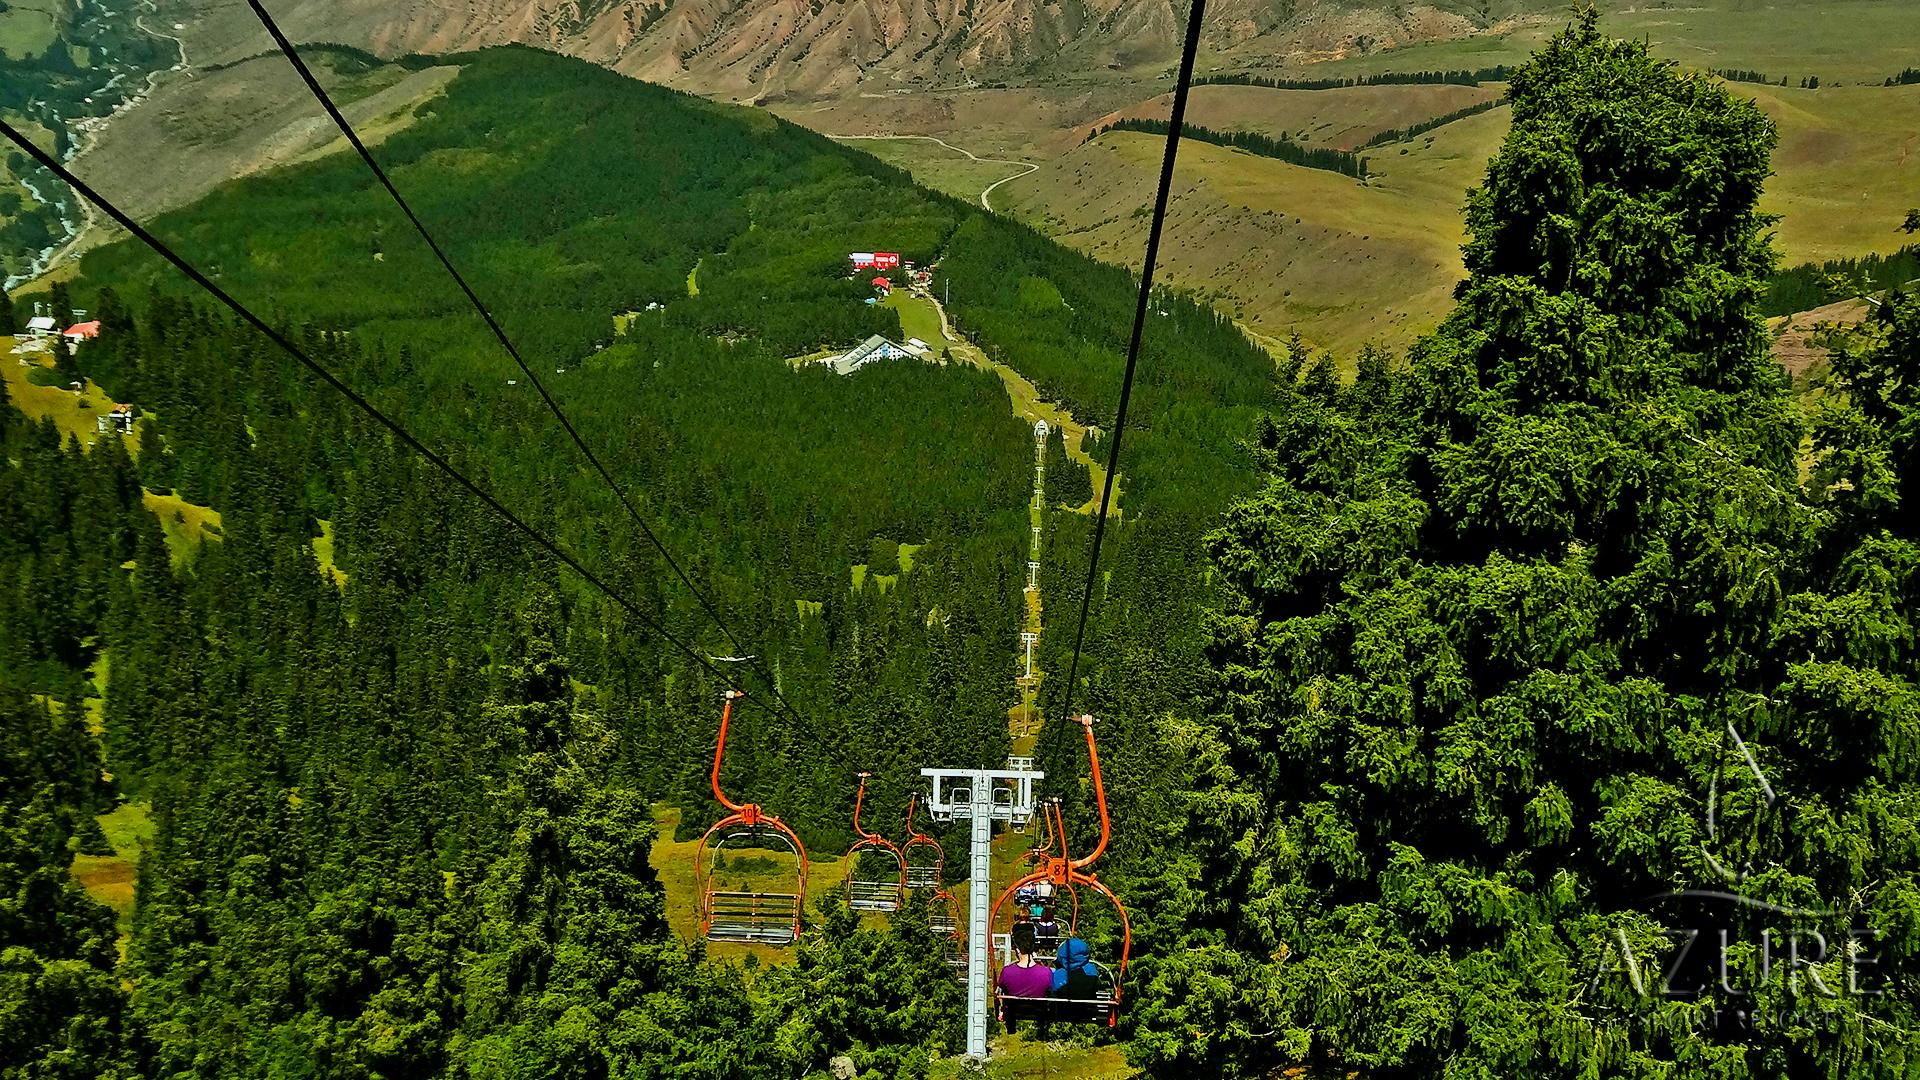 горнолыжная база Каракол экскурсии лес природа лето горы Тянь-Шань